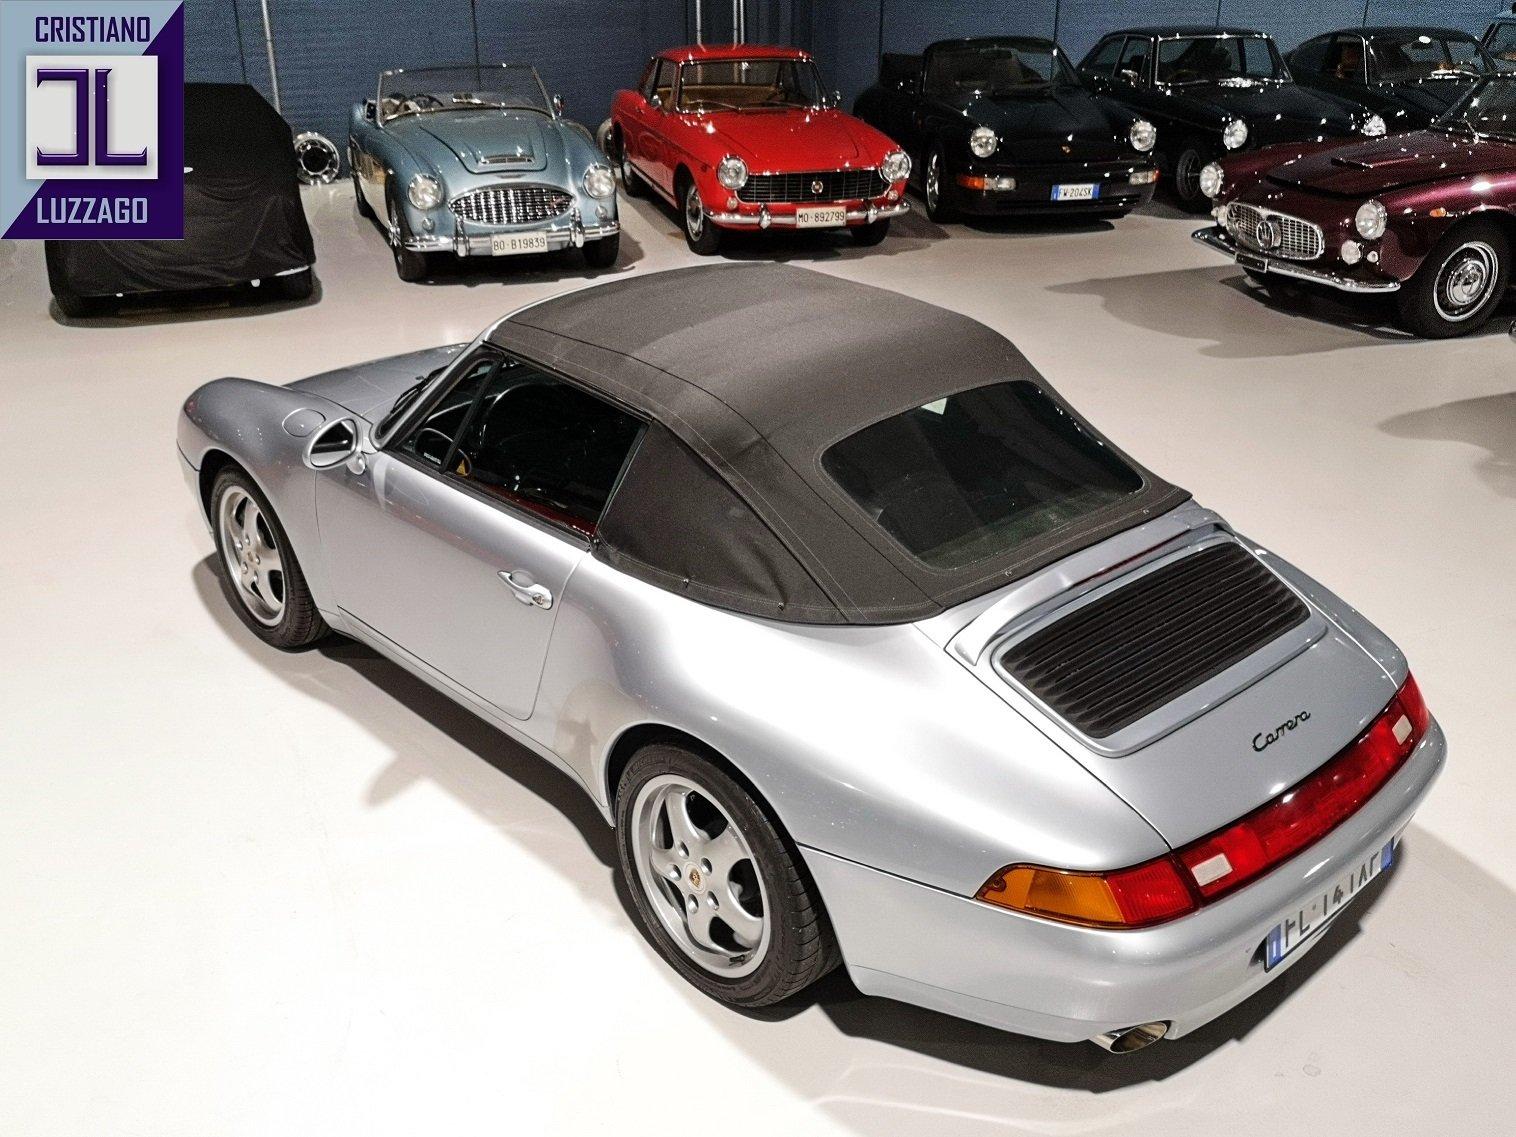 1995 PORSCHE 993 CARRERA 2 CABRIOLET euro 63.800 For Sale (picture 4 of 6)